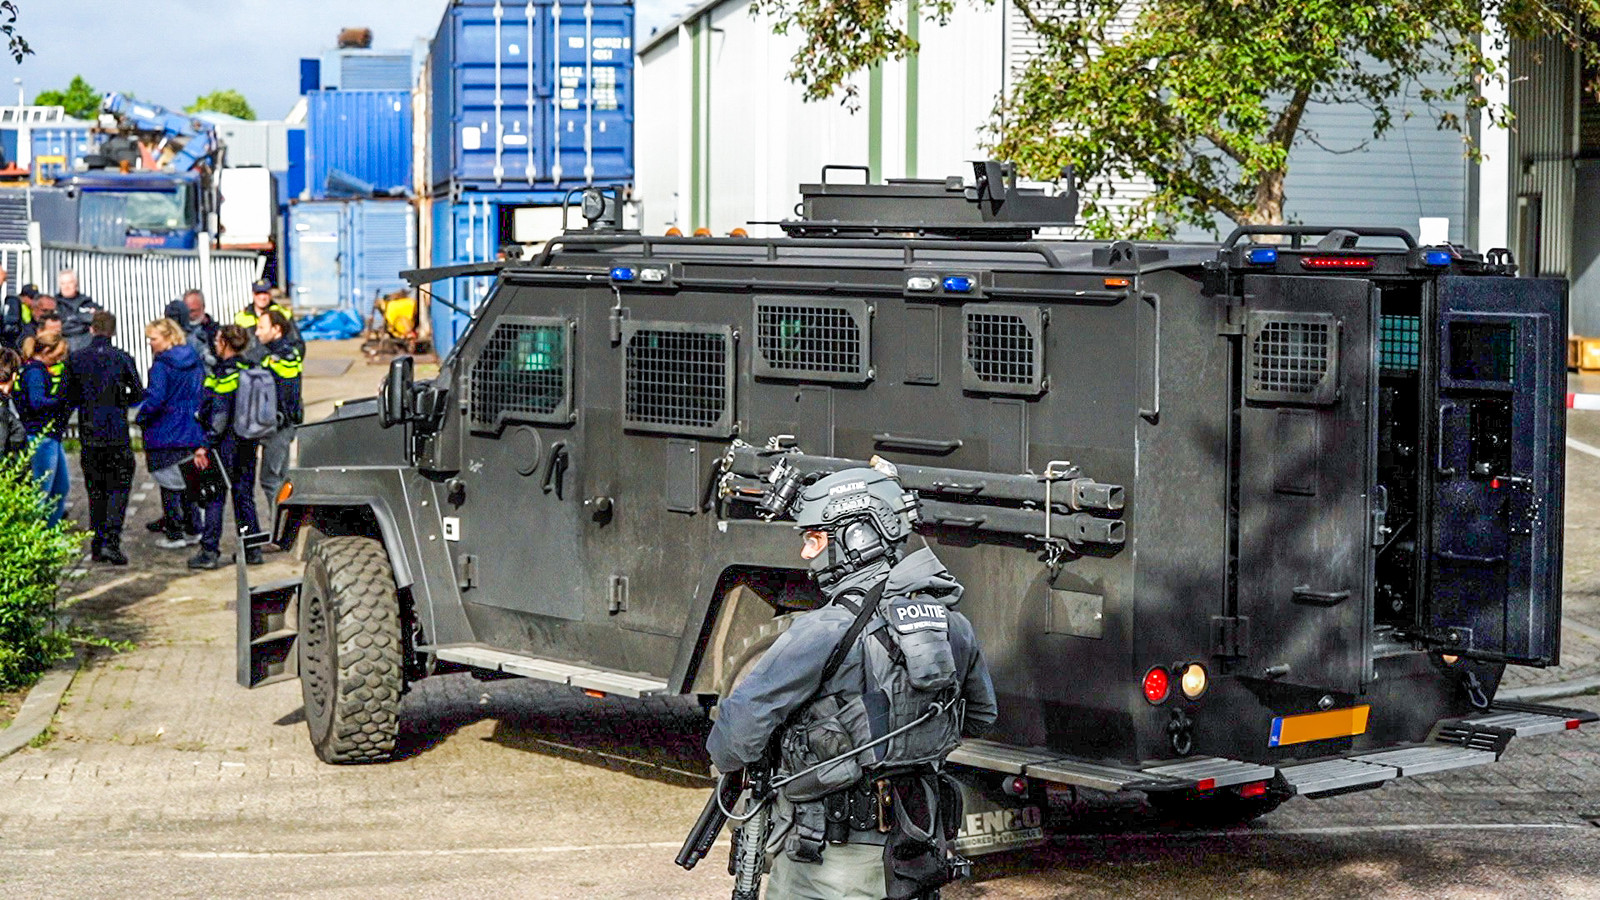 De politie rukte met zwaar materieel uit.